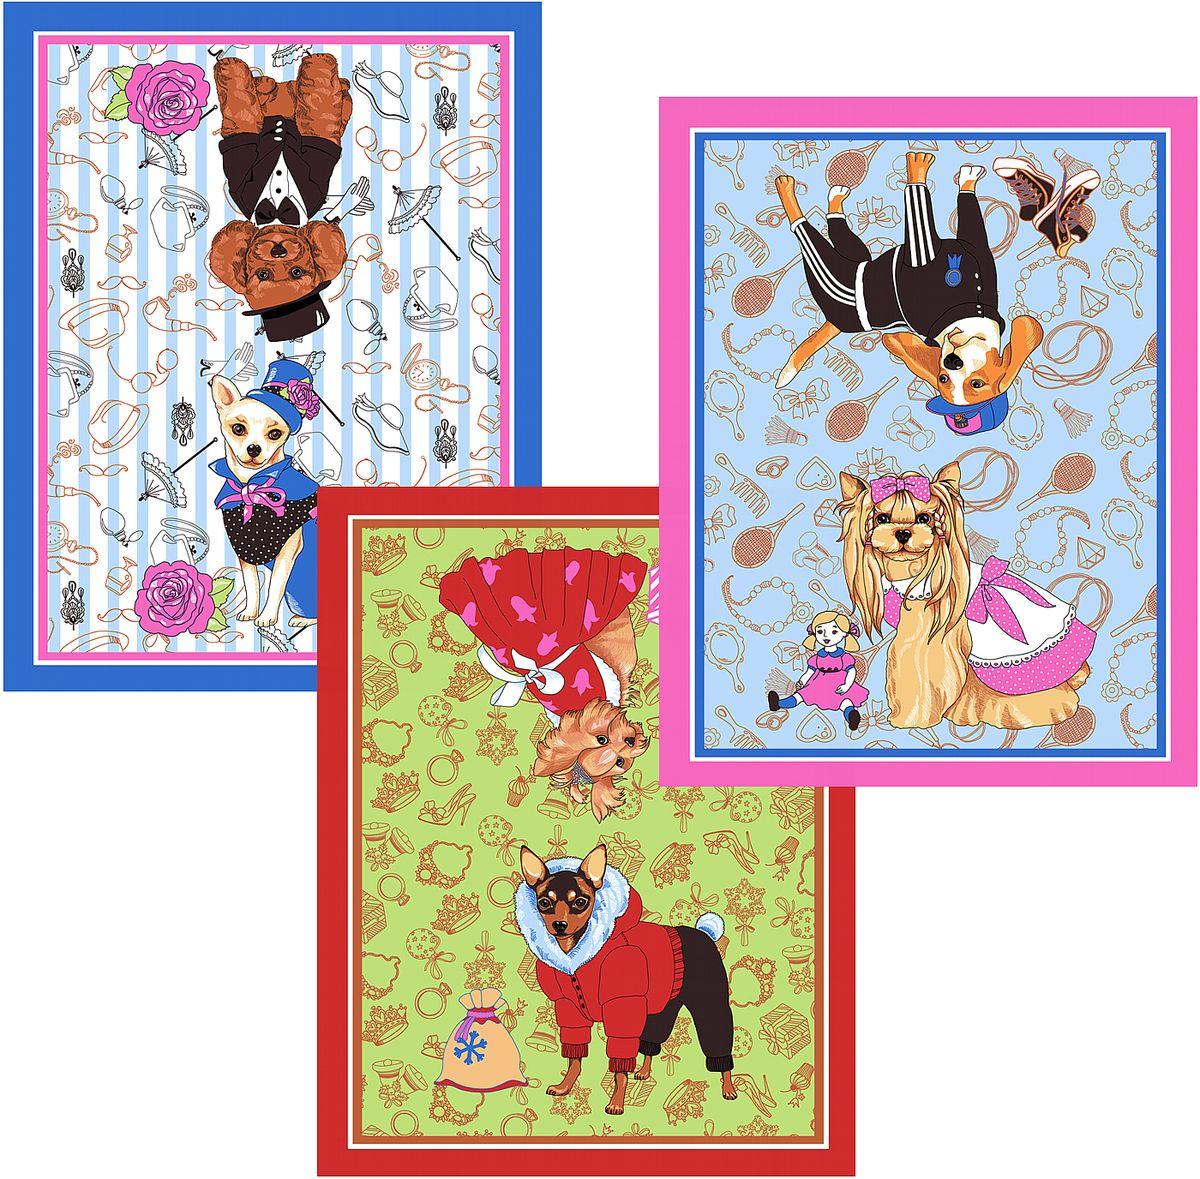 Набор кухонных полотенец Мультидом Собака-модница, цвет: синий, красный, розовый, 48  62 см, 3 шт